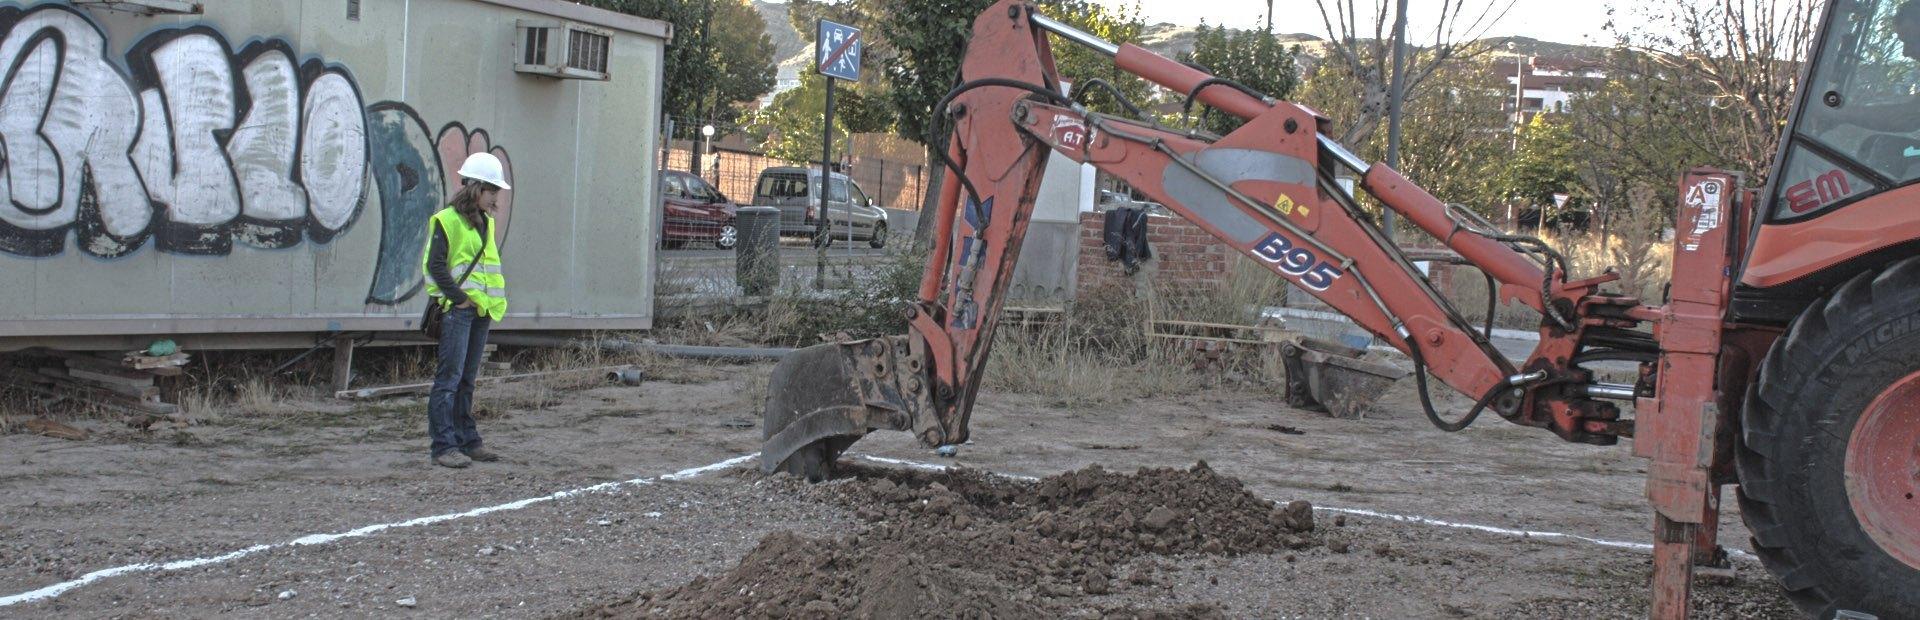 Sondeo Arqueológico y Seguimiento en Aranjuez: Calle Sagunto